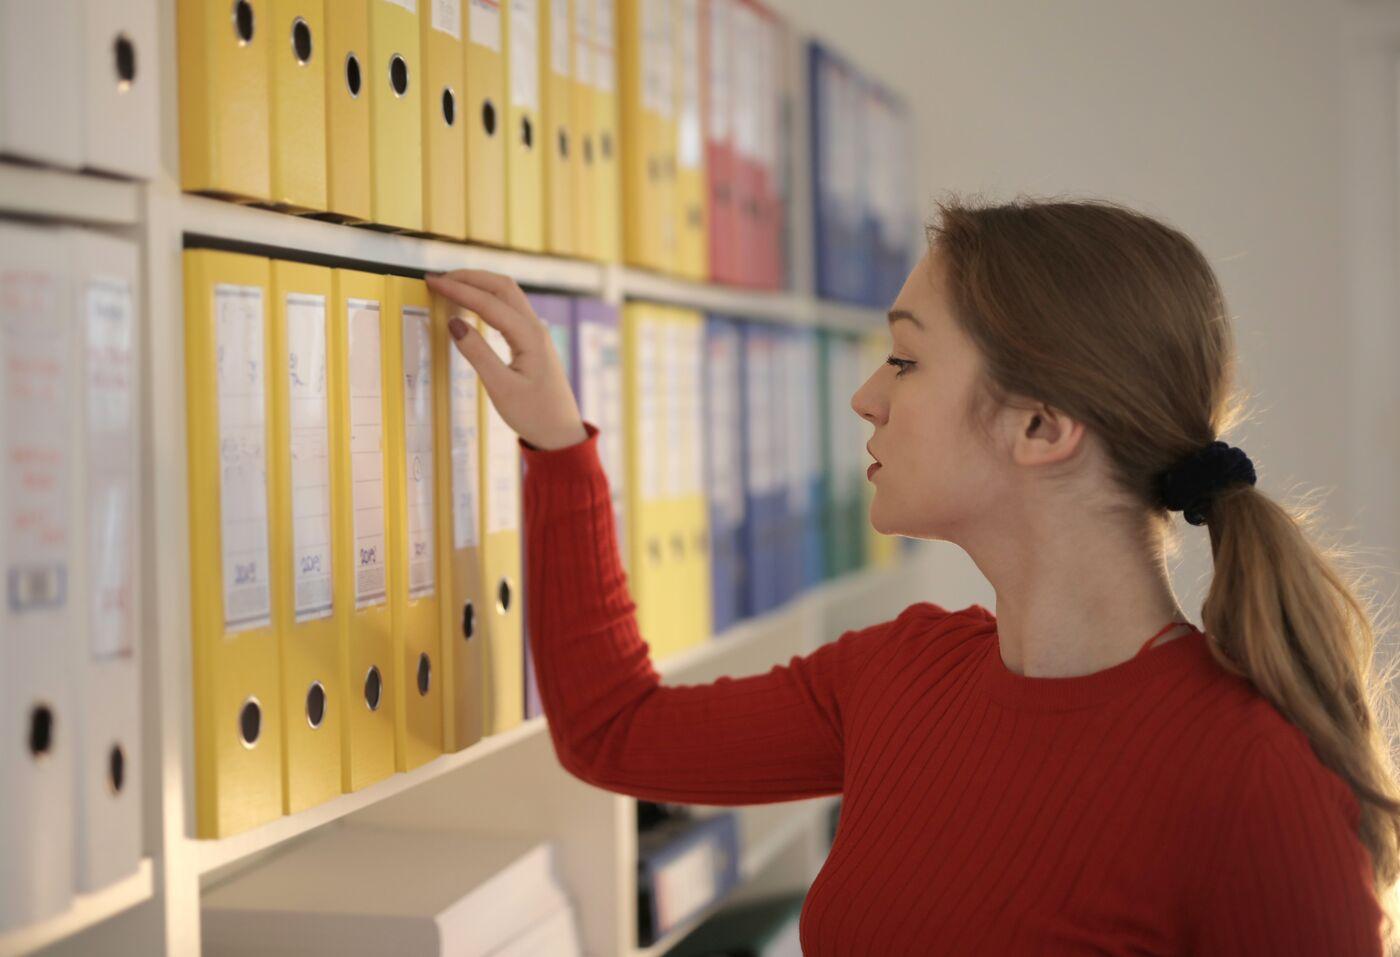 Ausbildung Kaufmann für Büromanagement (m / w / d) - Job Dresden - Karriere bei EAST|print